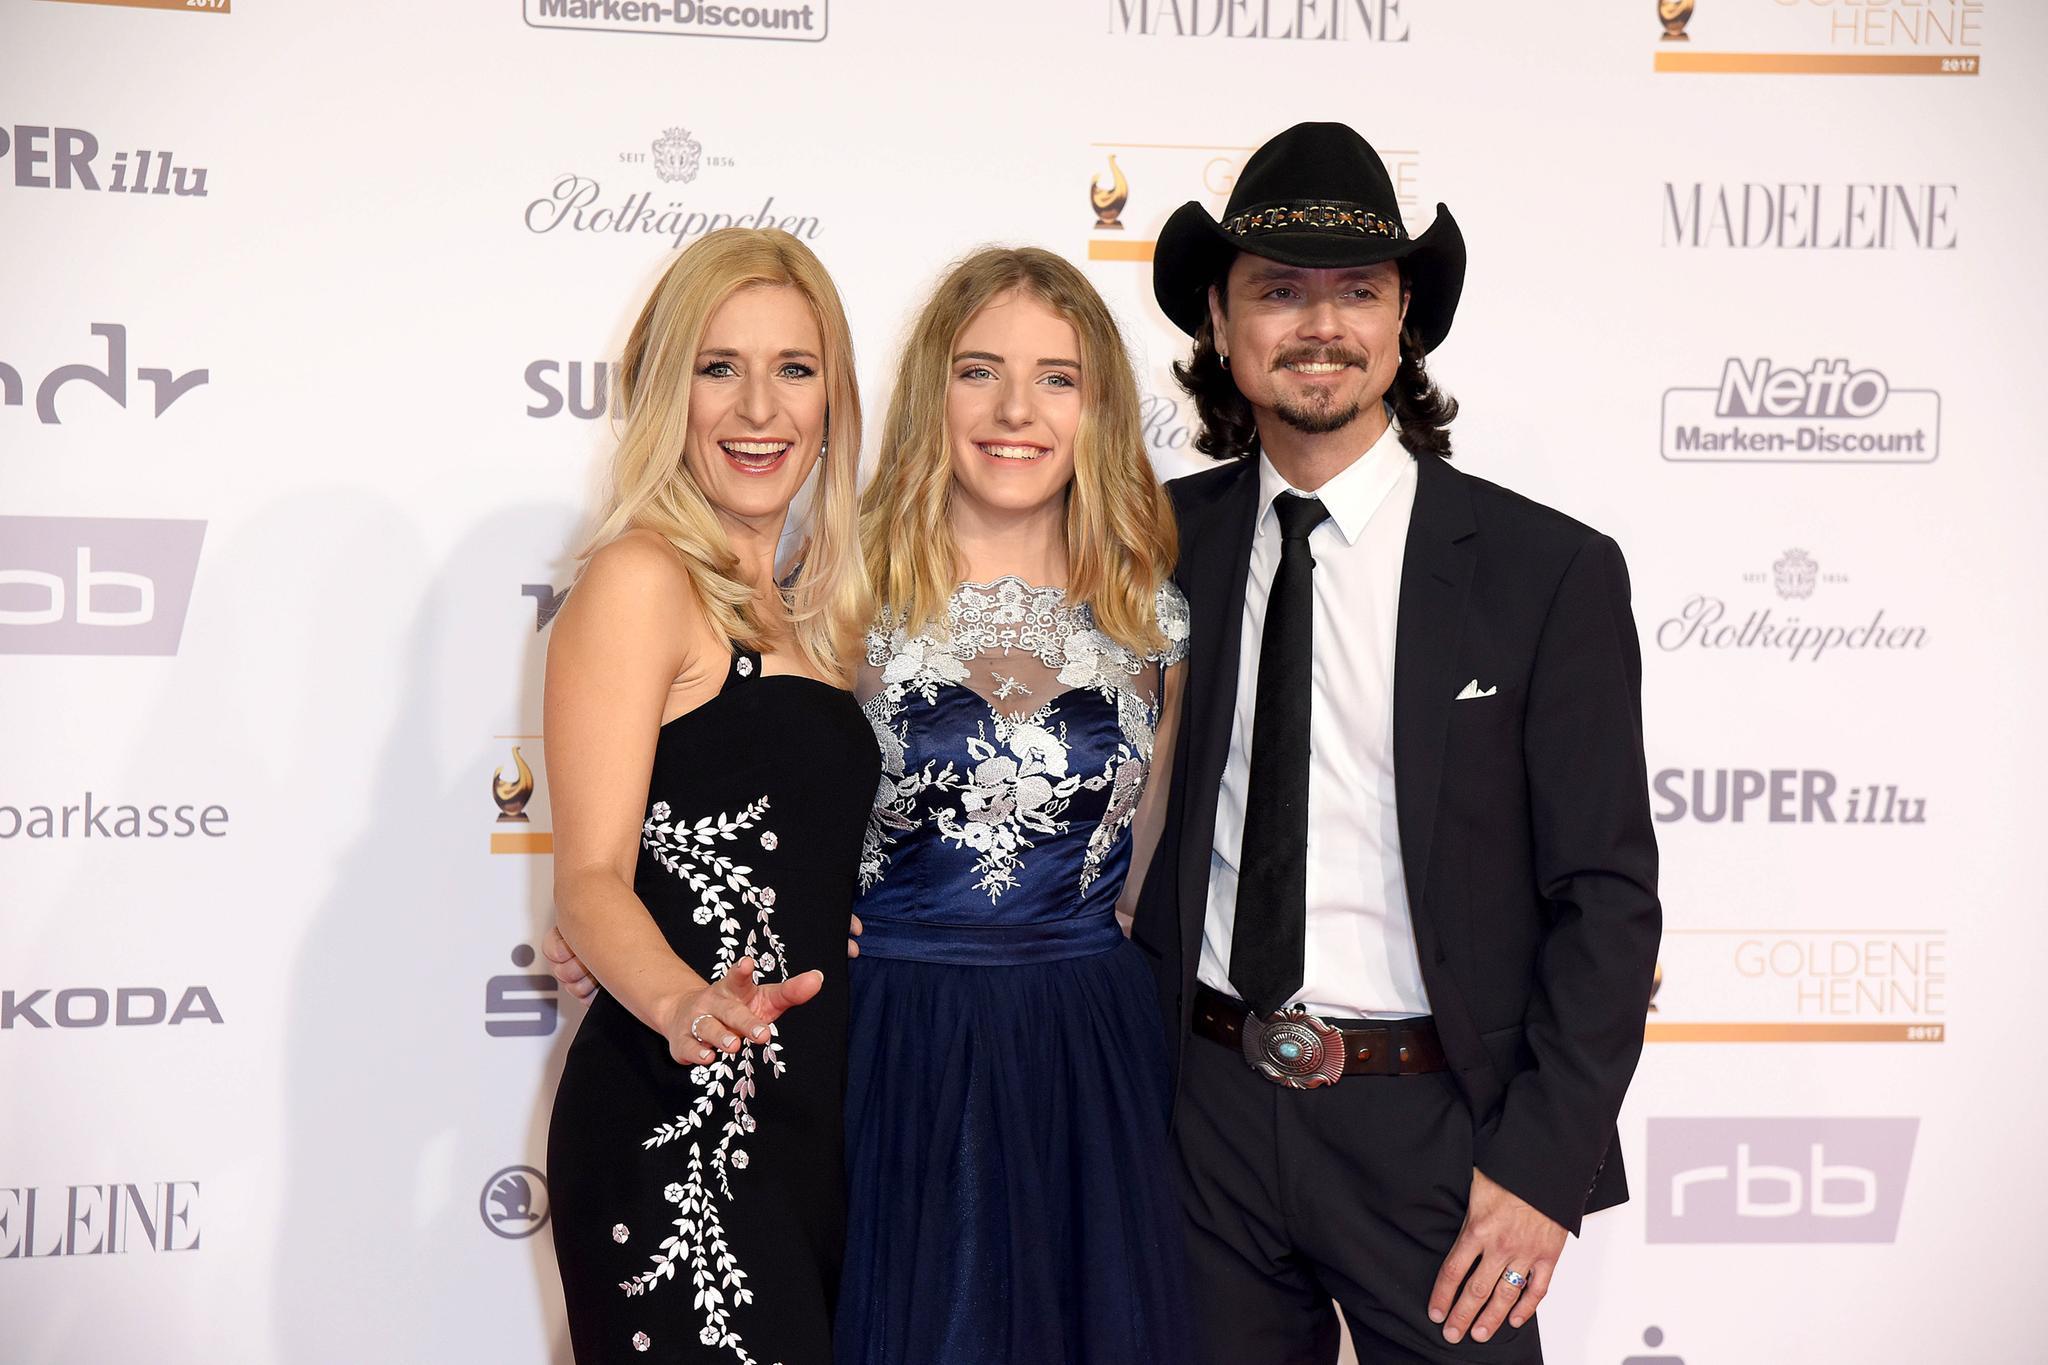 Ein seltenes Bild: Stefanie Hertel zeigt sich auf dem roten Teppich mit ihrer Tochter Johanna und ihrem Ehemann Lanny Lanner.